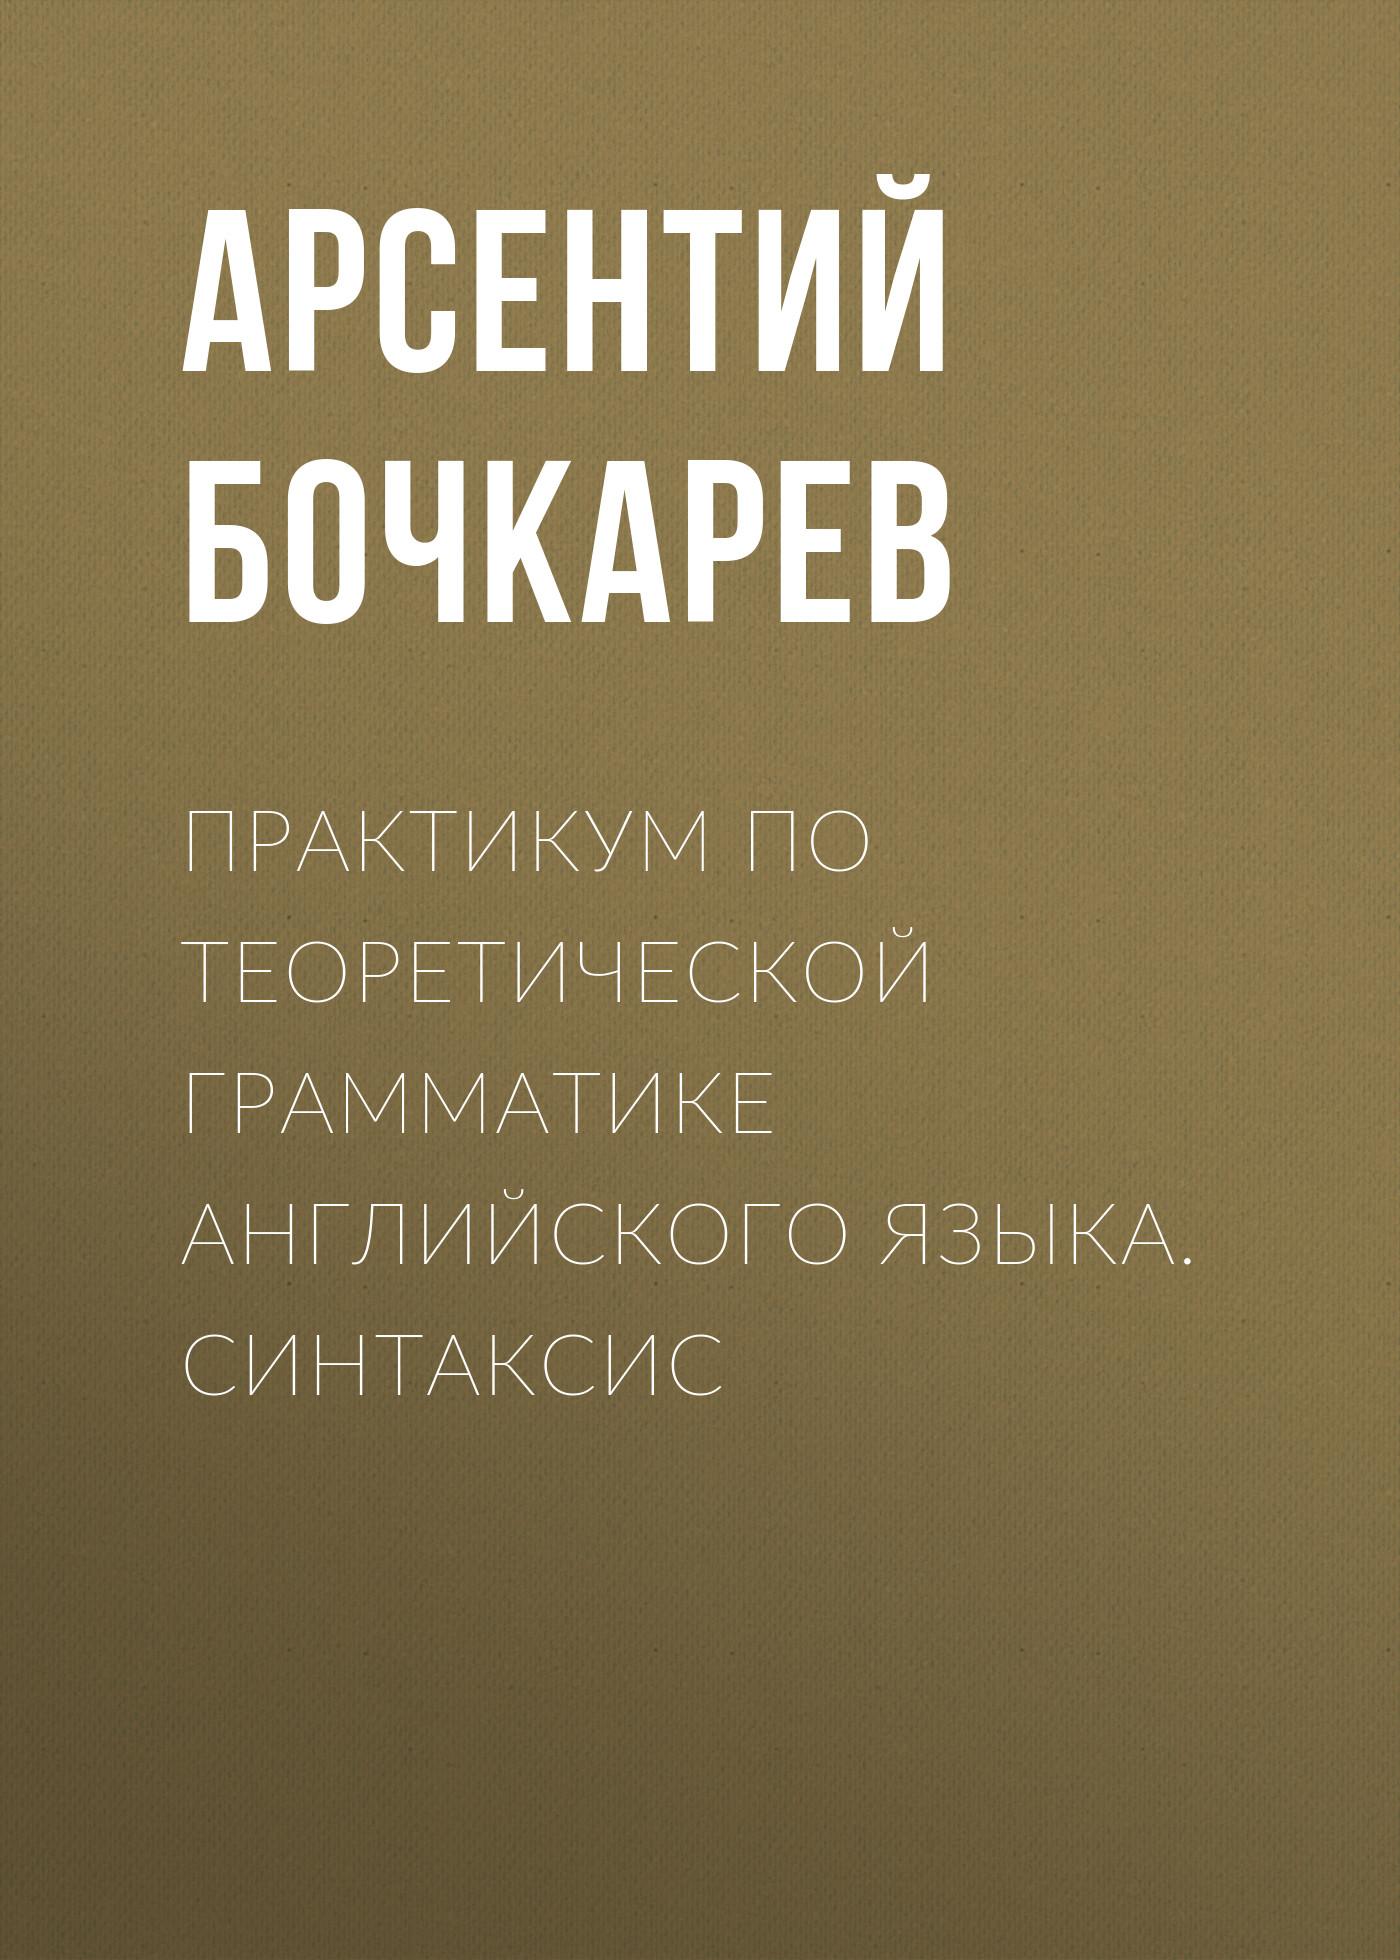 Арсентий Бочкарев Практикум по теоретической грамматике английского языка. Синтаксис цена